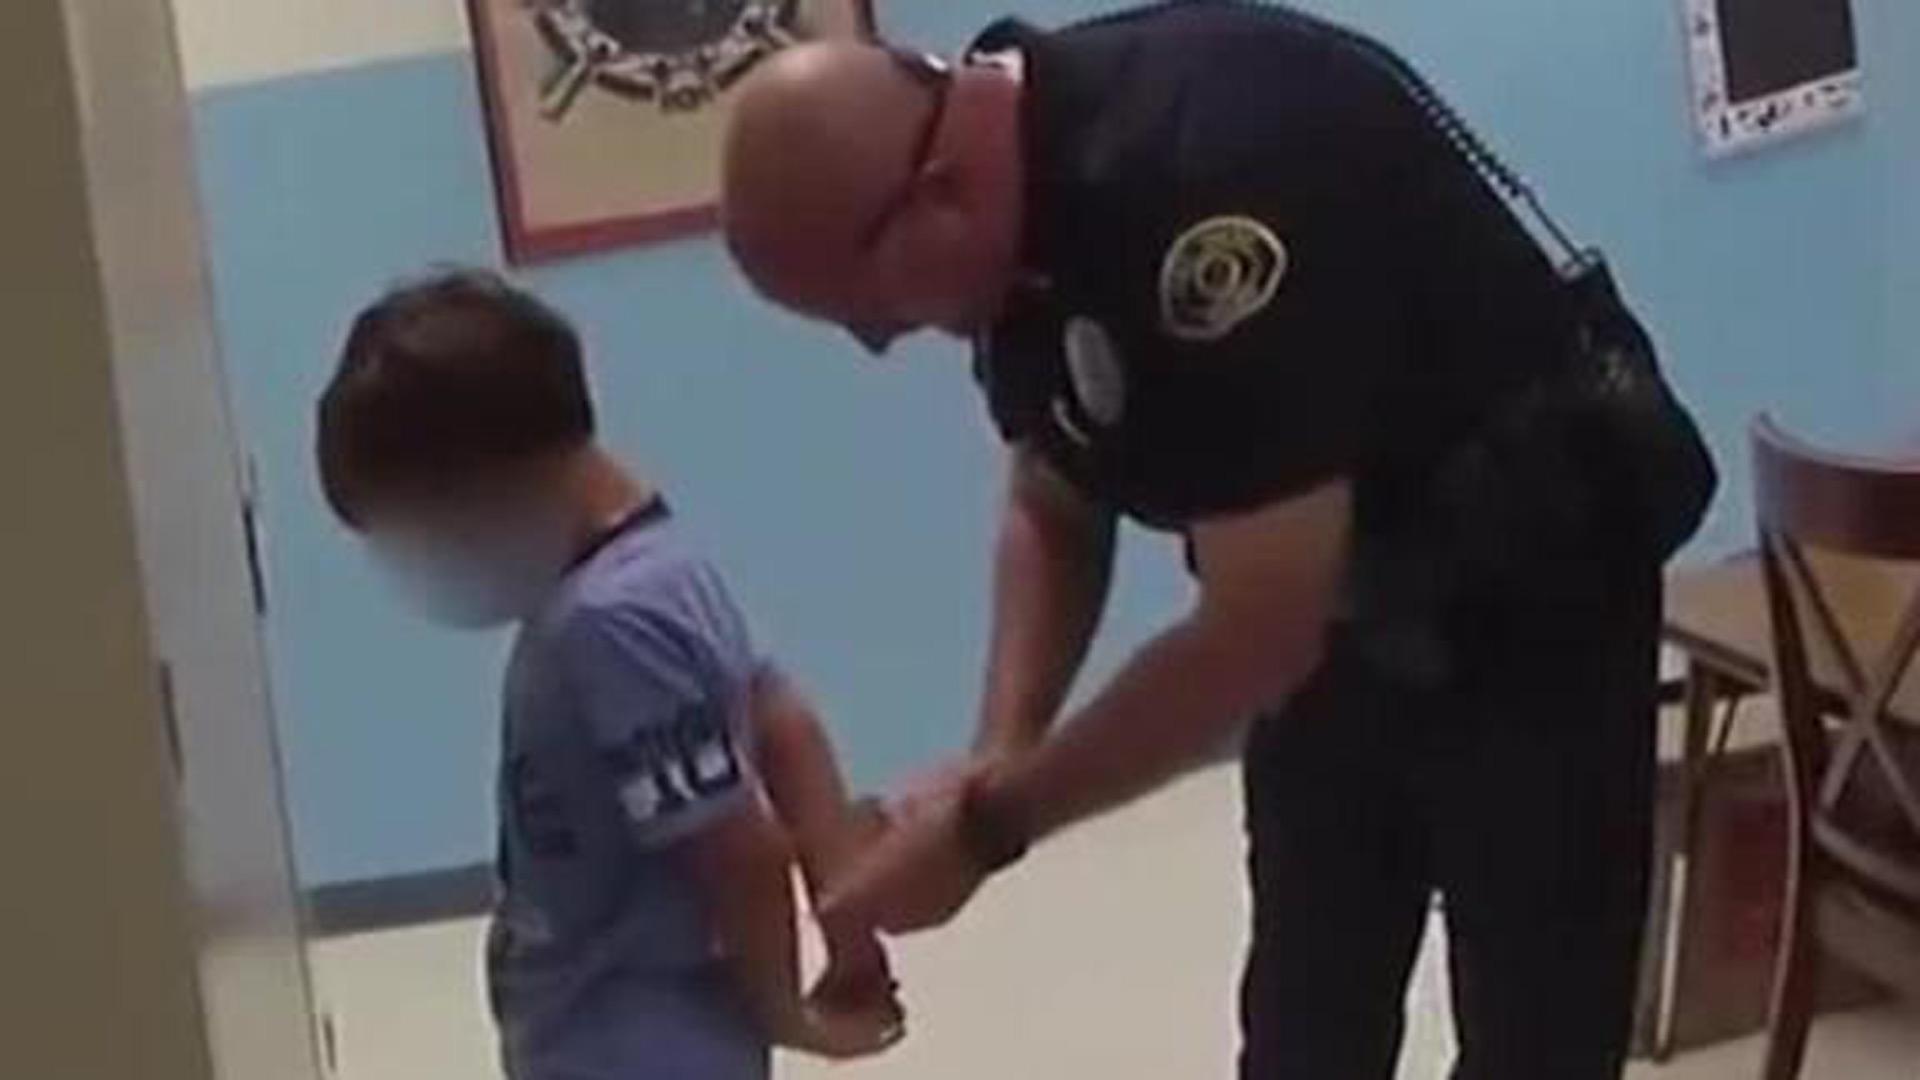 Boy handcuffed